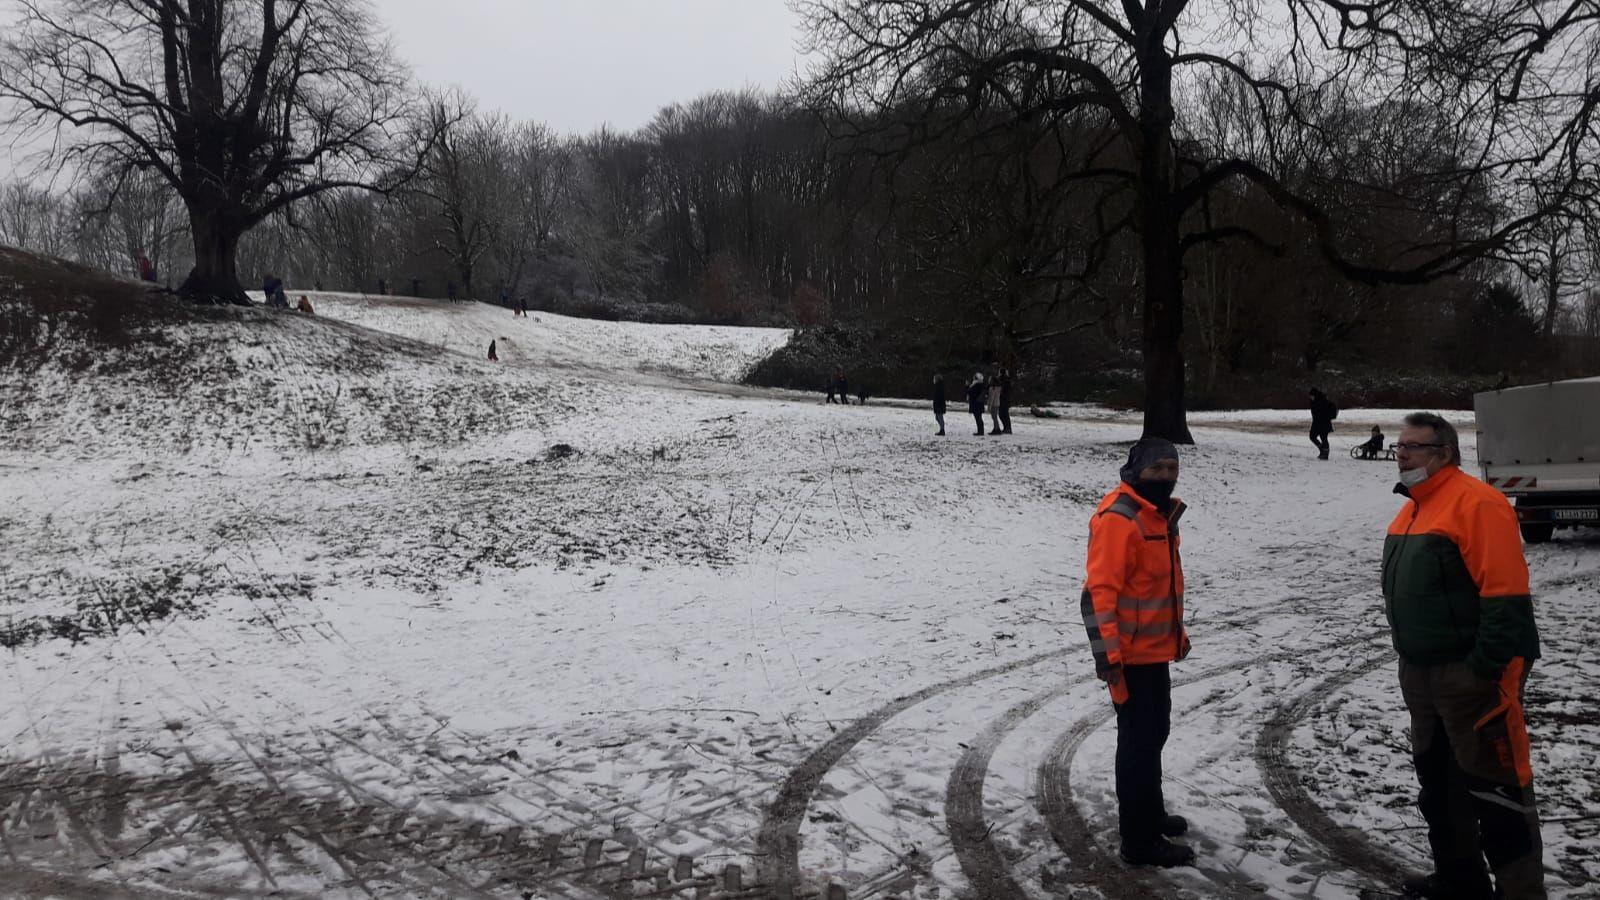 Lohnunternehmen Blunk liefert Strohballen für sicheren Rodelspaß auf der Krusenkoppel in Kiel - Fotos Jörg Baumgärtl 10